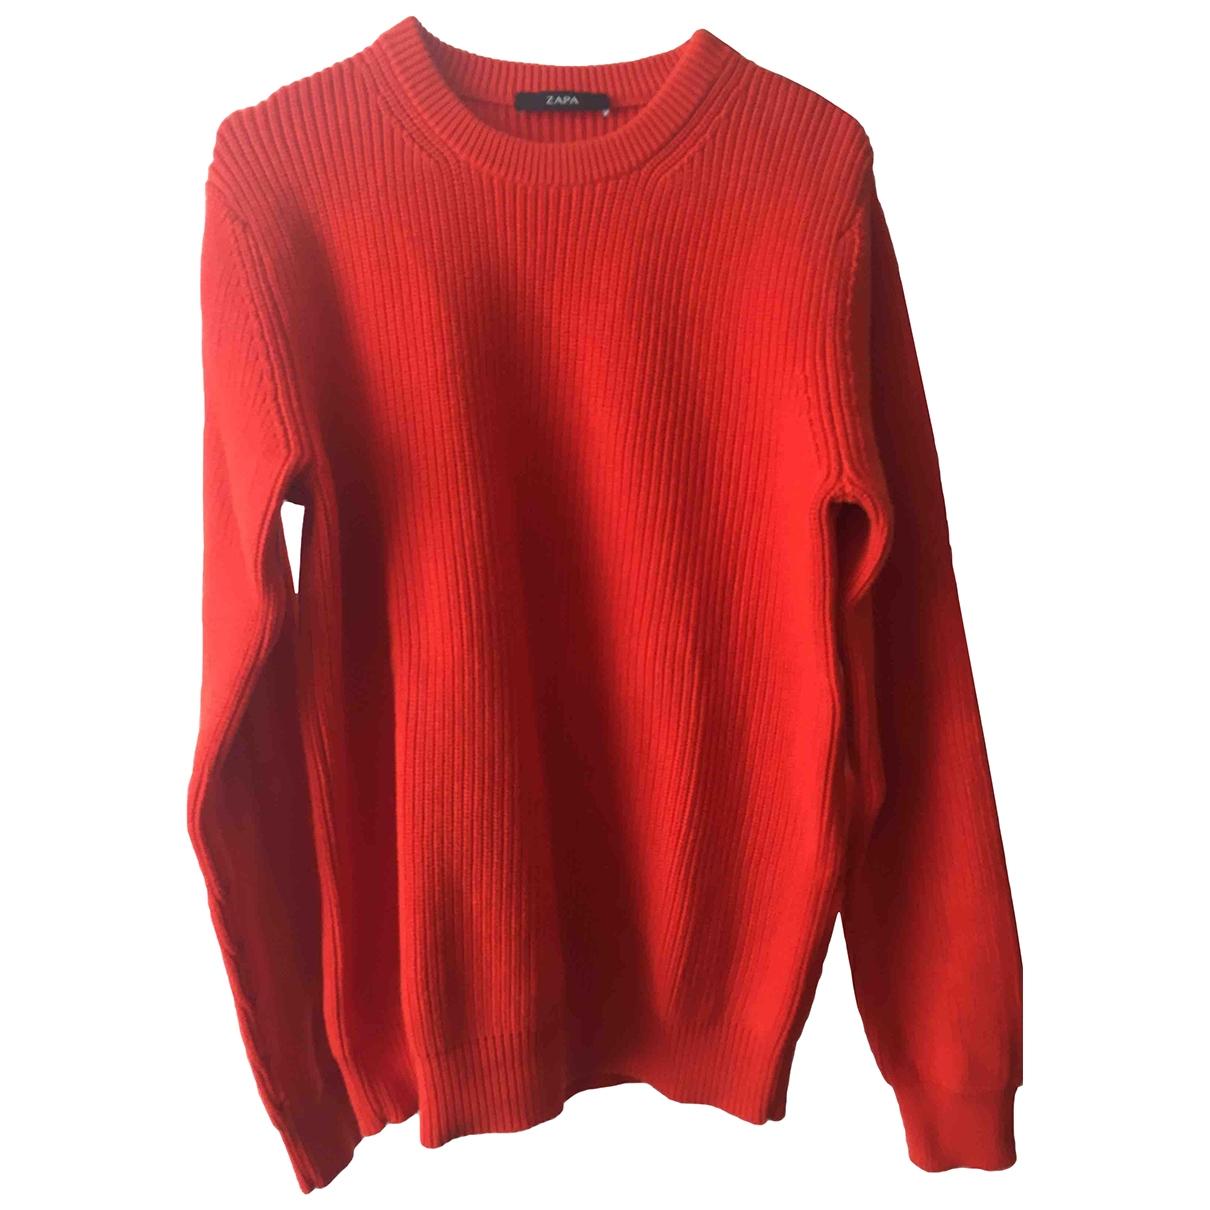 Zapa - Pulls.Gilets.Sweats   pour homme en coton - orange